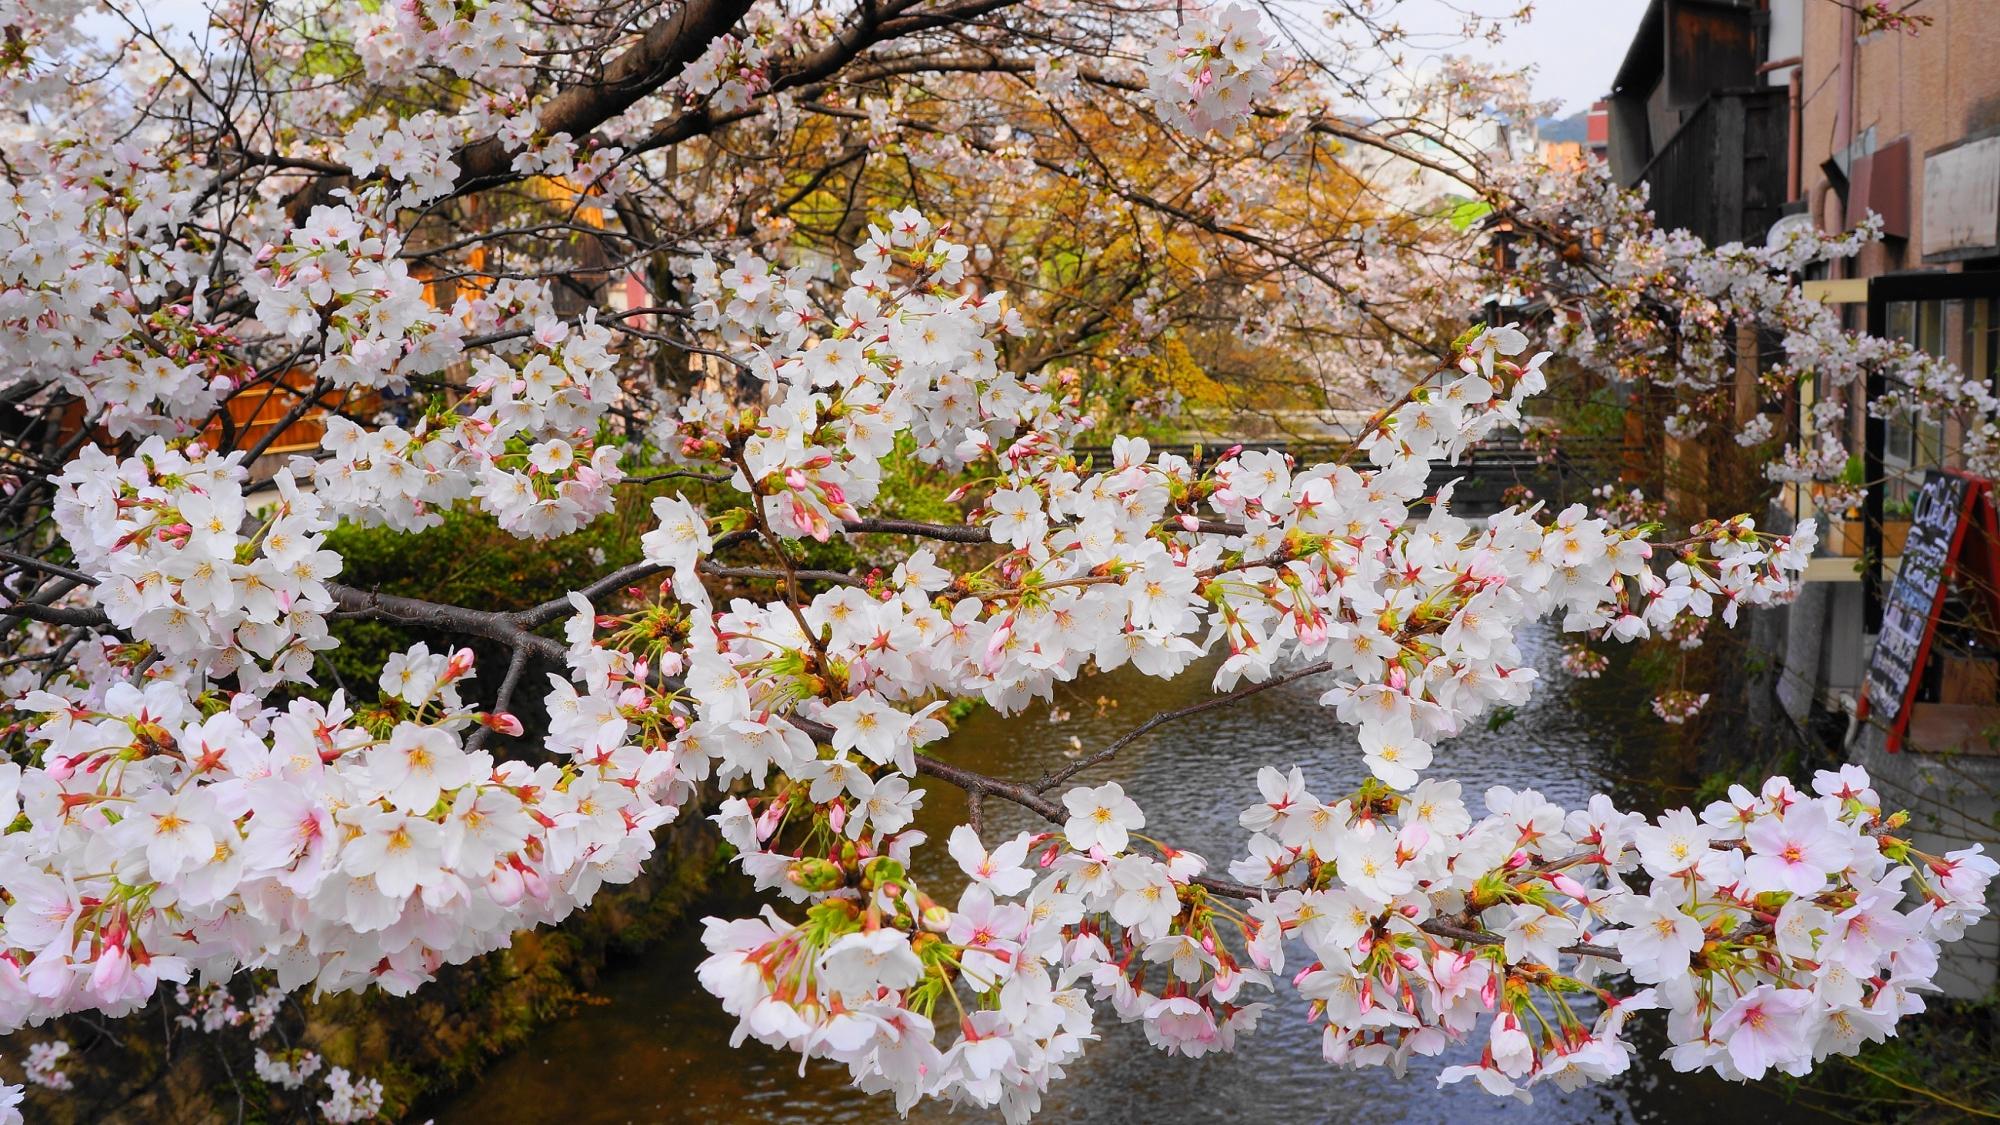 祇園白川の鮮やかな満開の桜